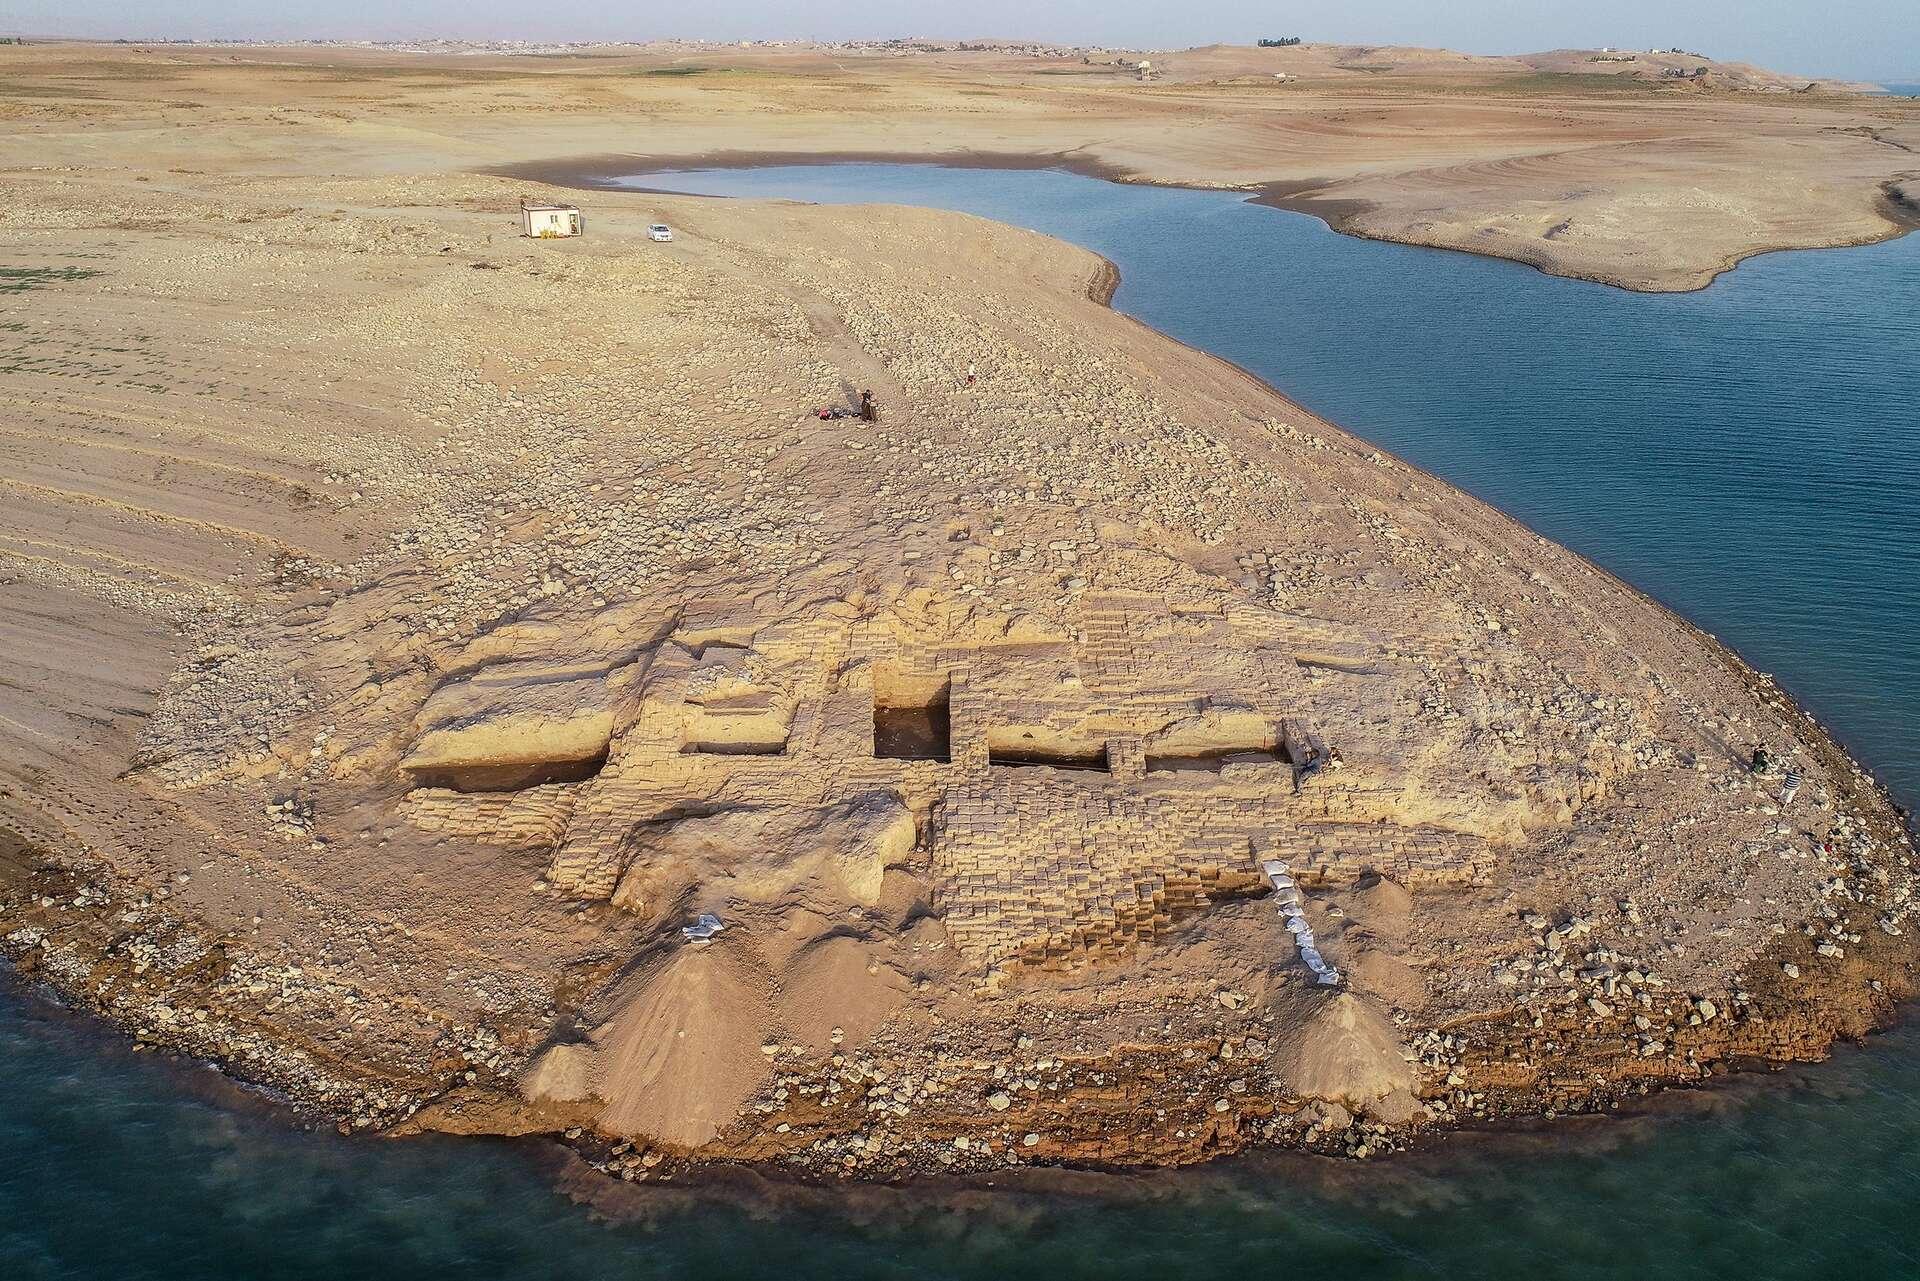 Une vue aérienne de Kemune, un ancien palace de l'empire Mittani sur les rives du Tigre en Irak. © Université de Tübingen, eScience Center, Kurdistan Archaeology Organization